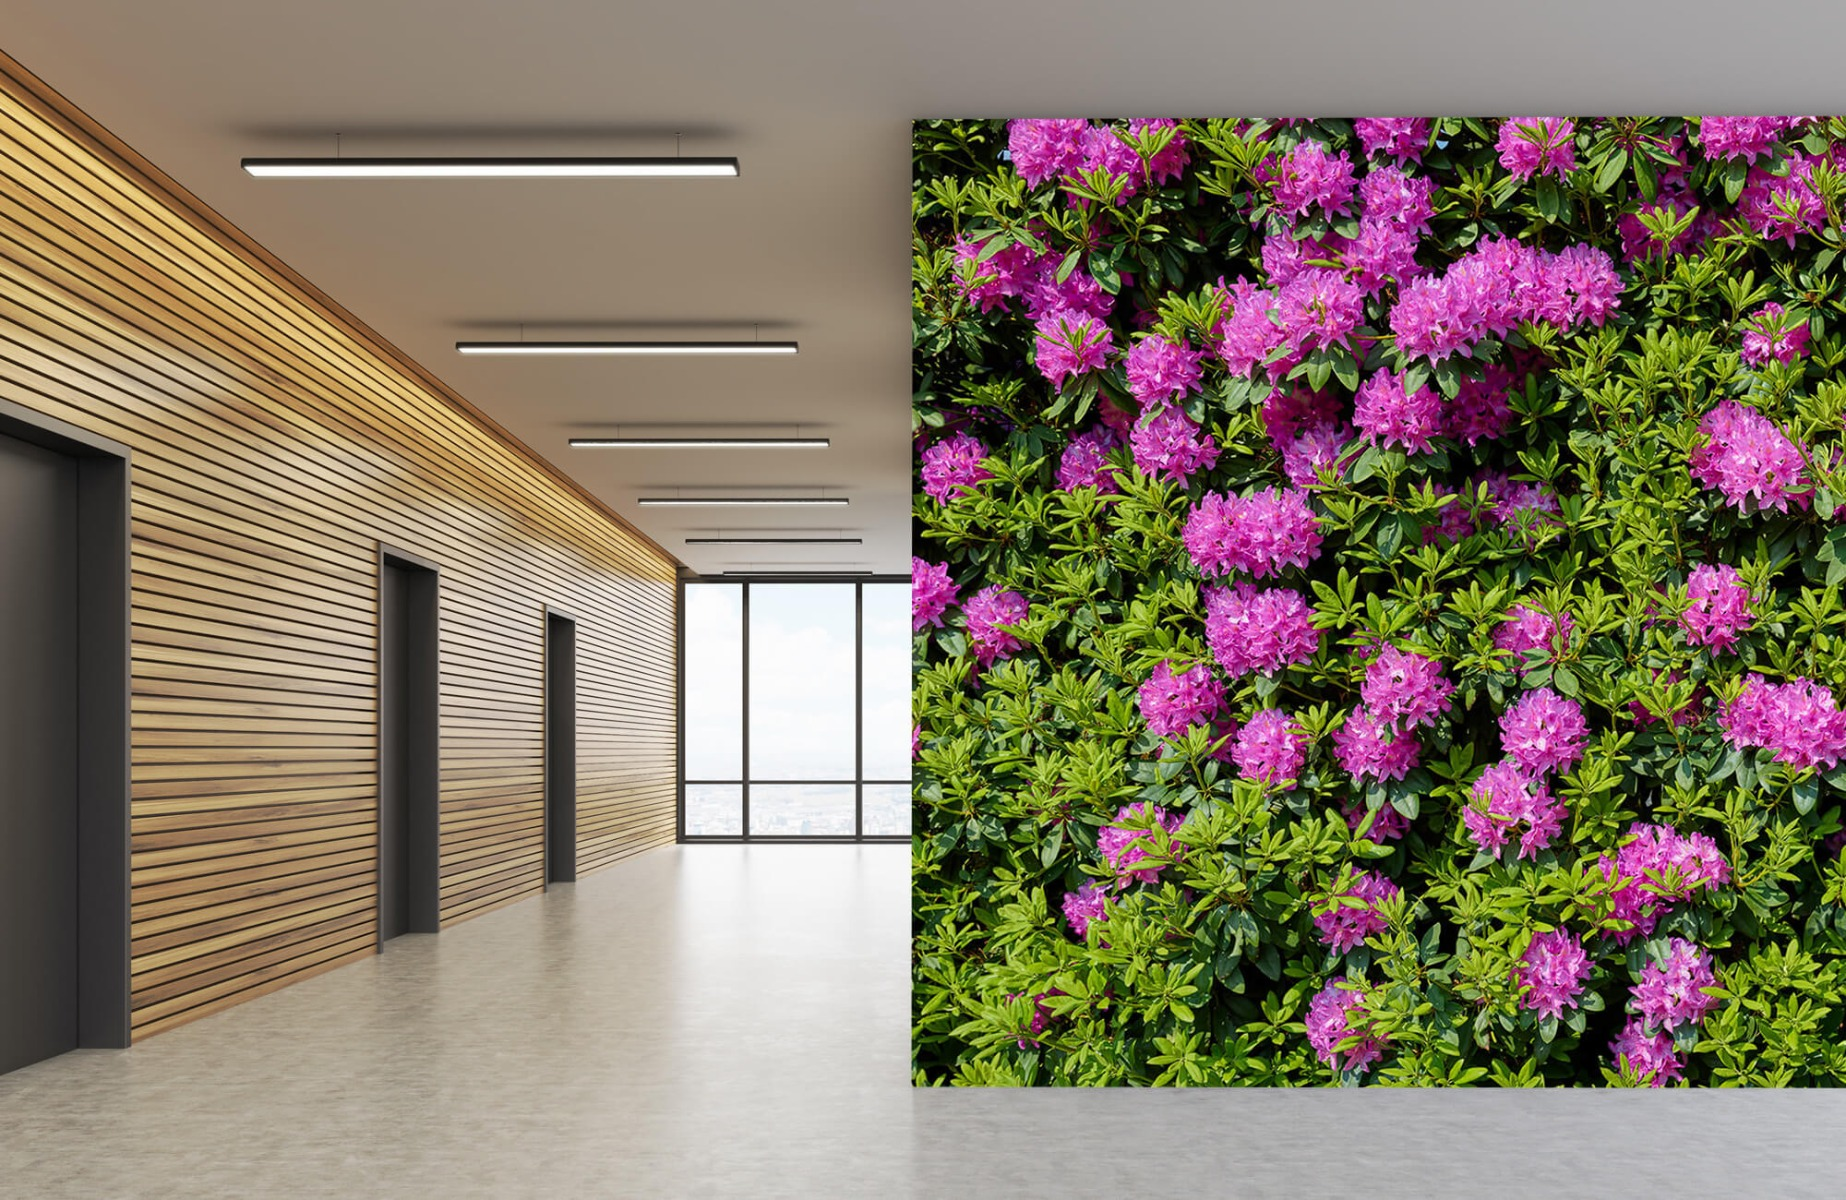 Bloemenvelden - Grote muur van rododendrons - Wallexclusive - Woonkamer 6